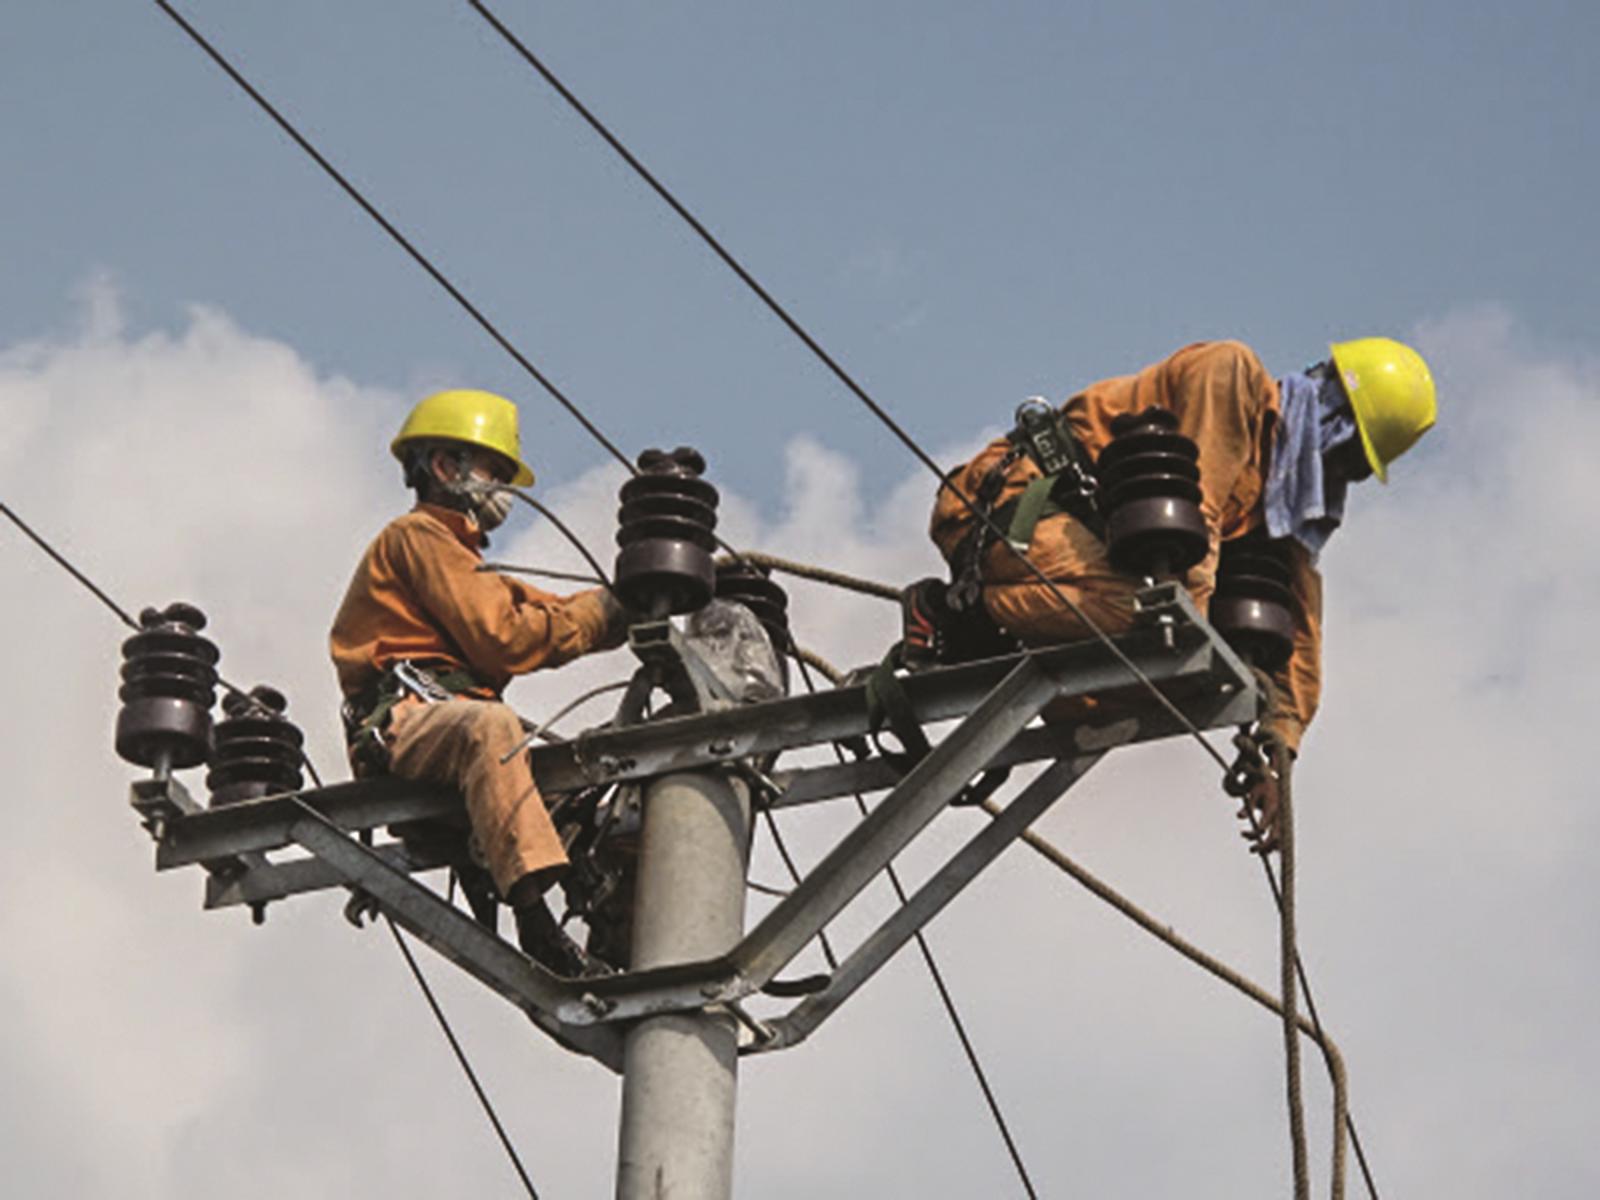 Dự thảo biểu giá điện mới: Băn khoăn mốc hợp lý?